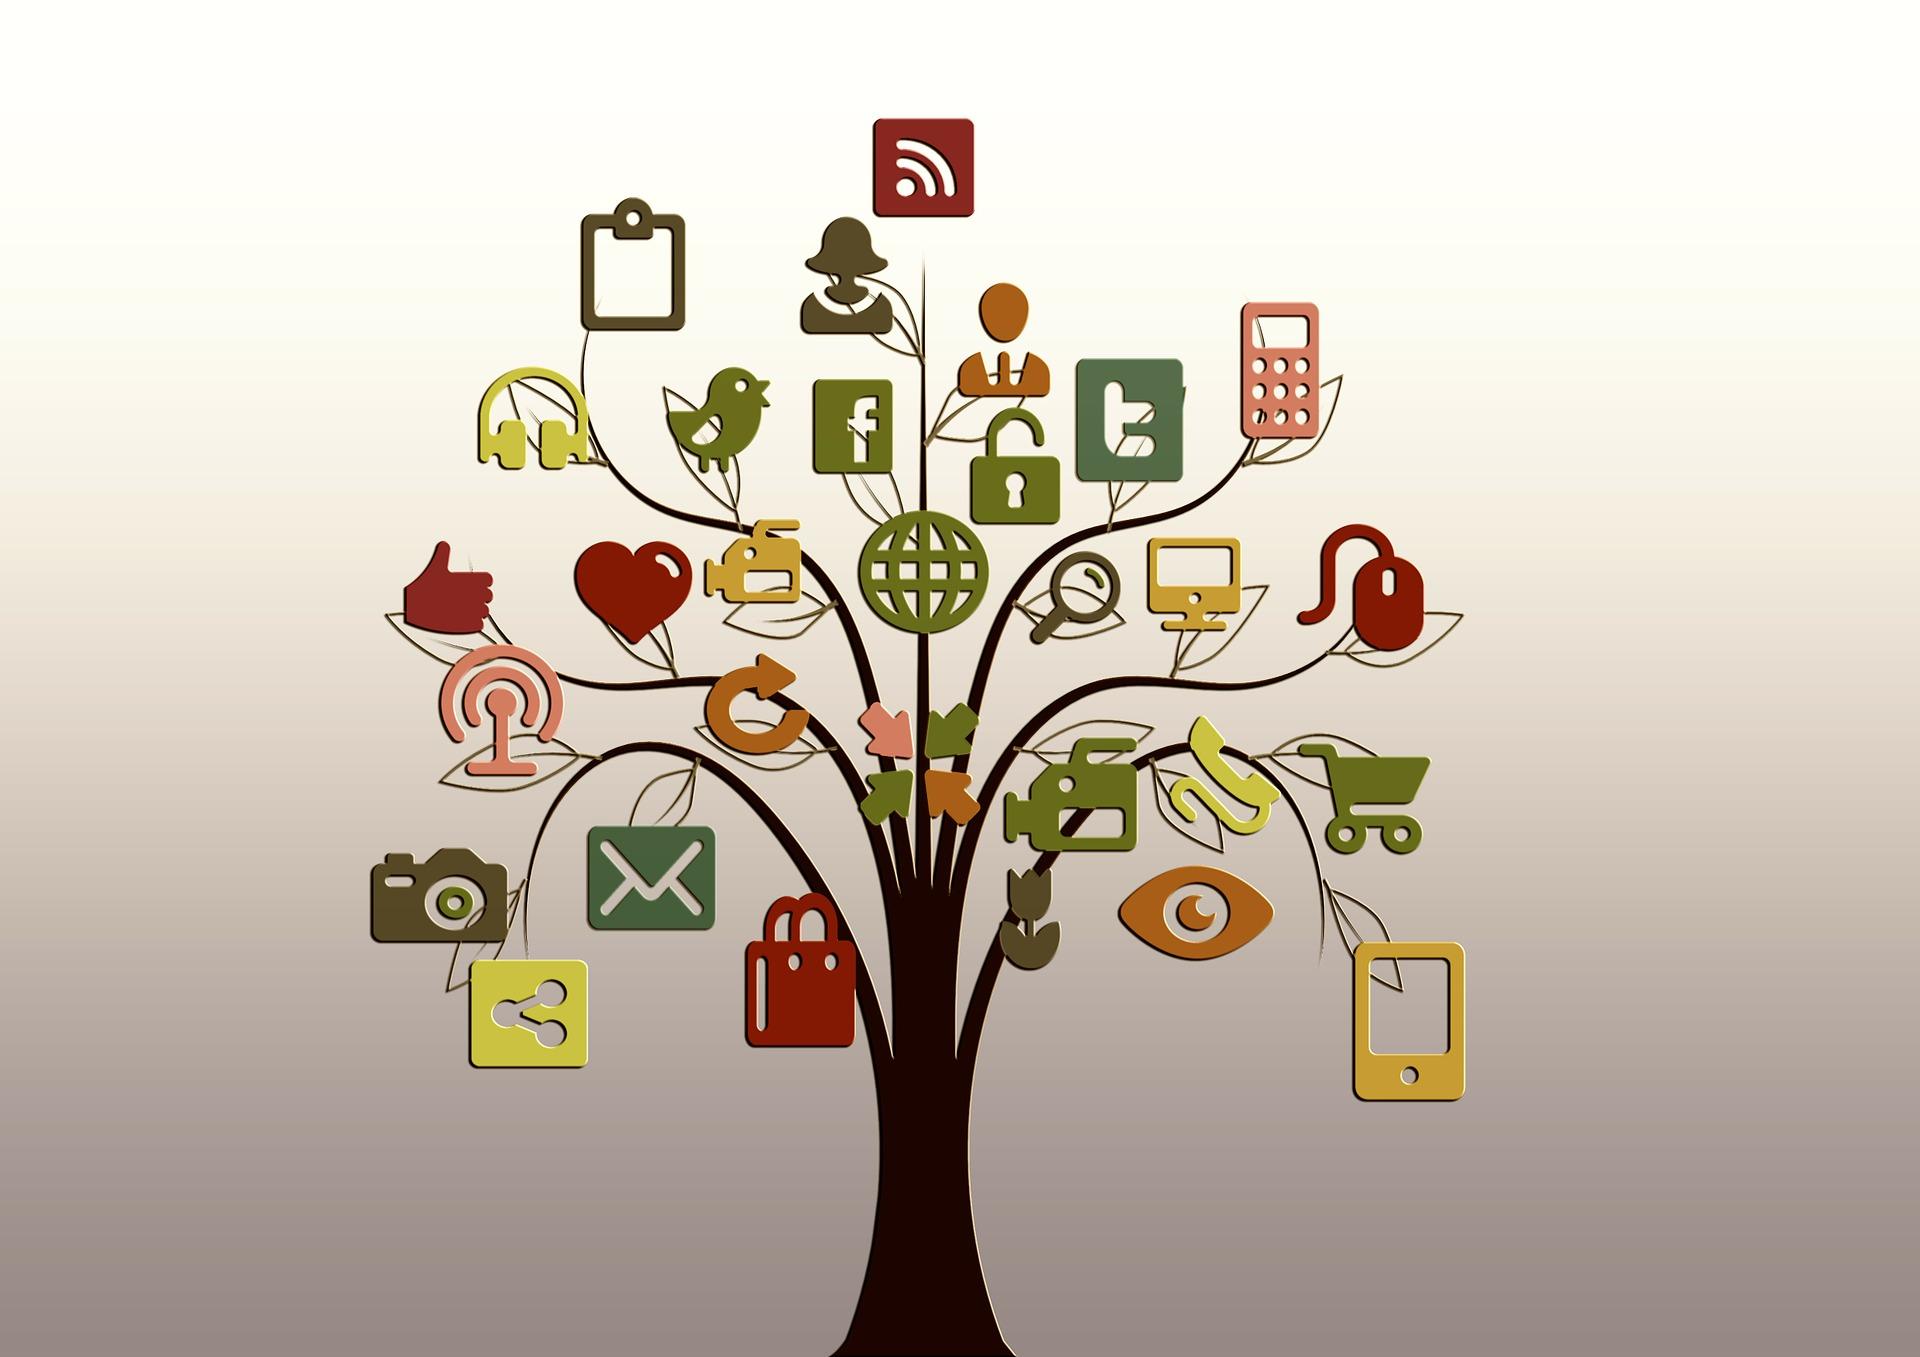 Visualisierung Social Listening: Baum mit Symbolen für Blogs, Twitter, Smartphones, etc.